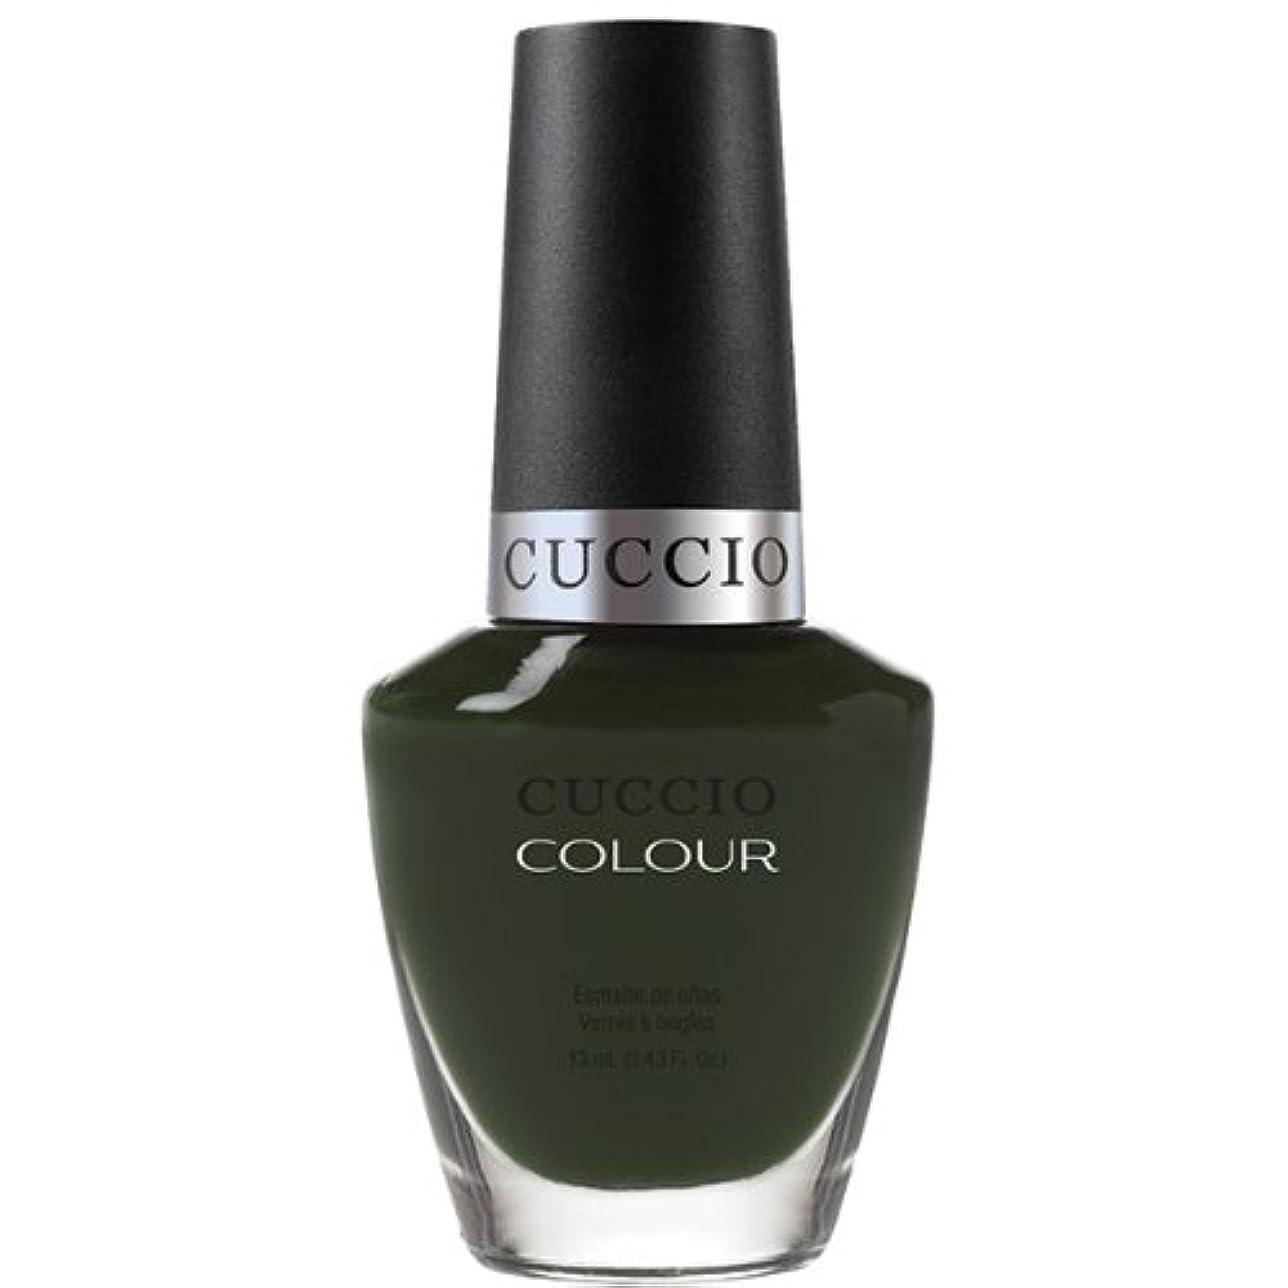 切り刻む晩餐まともなCuccio Colour Gloss Lacquer - Glasgow Nights - 0.43oz / 13ml